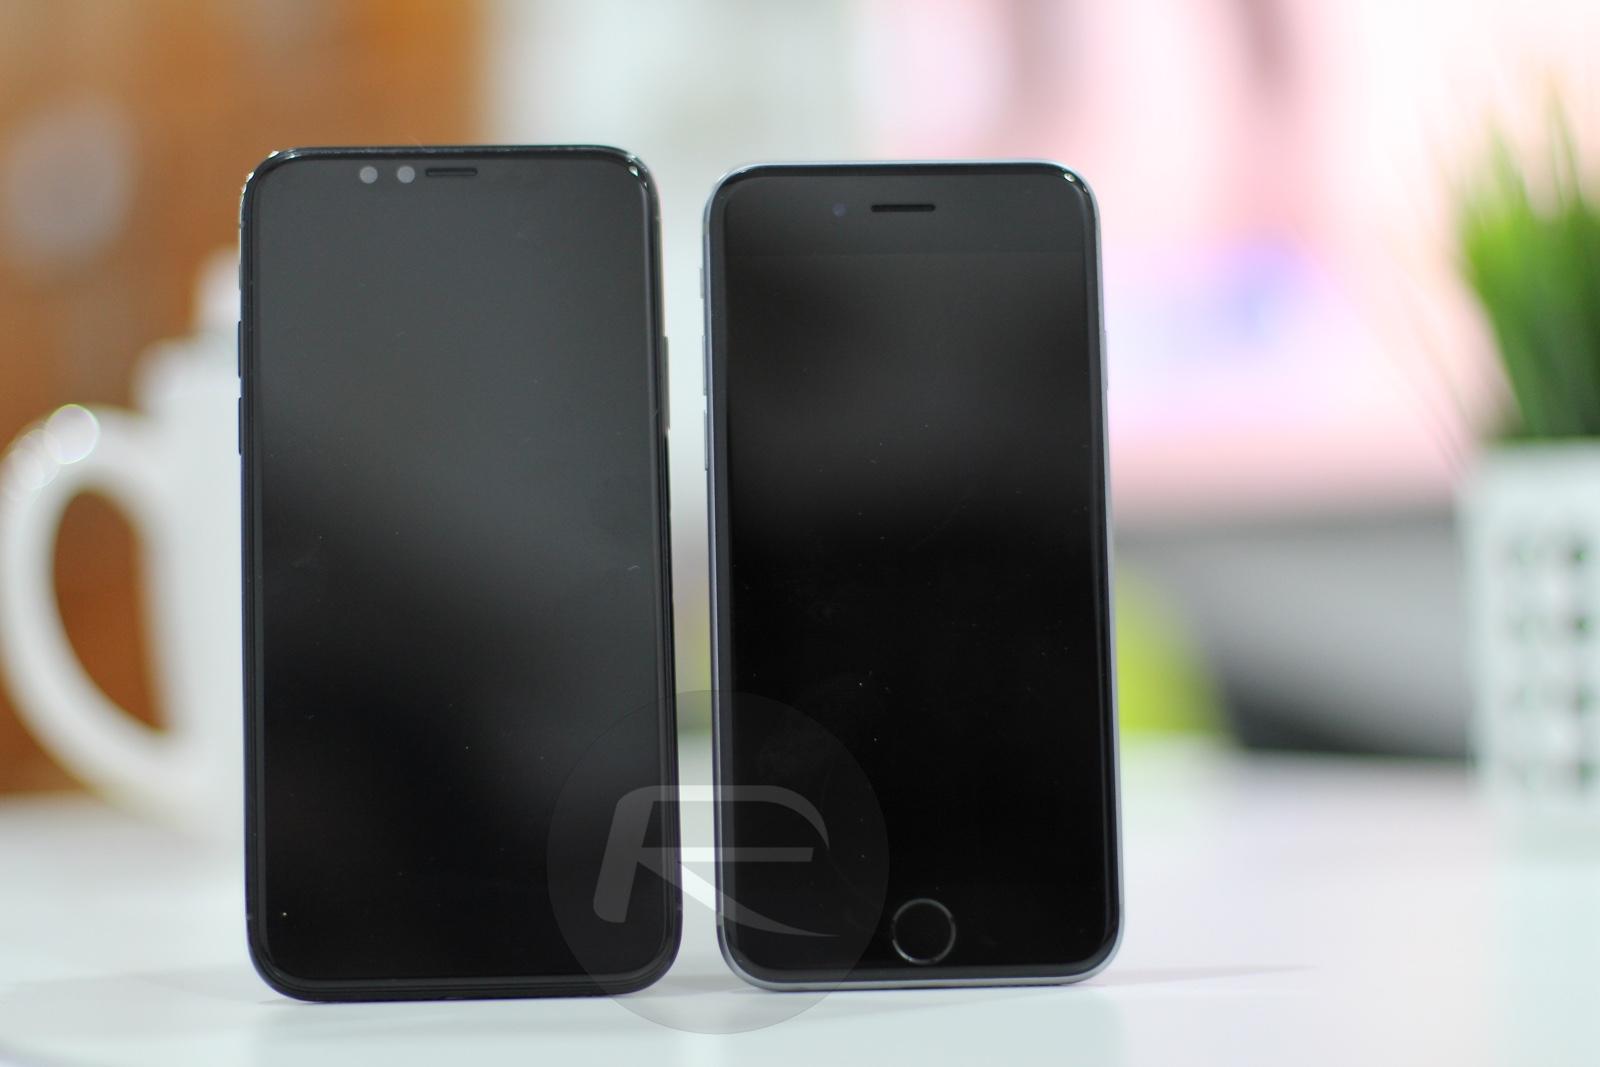 Iphone  Plus Comparison